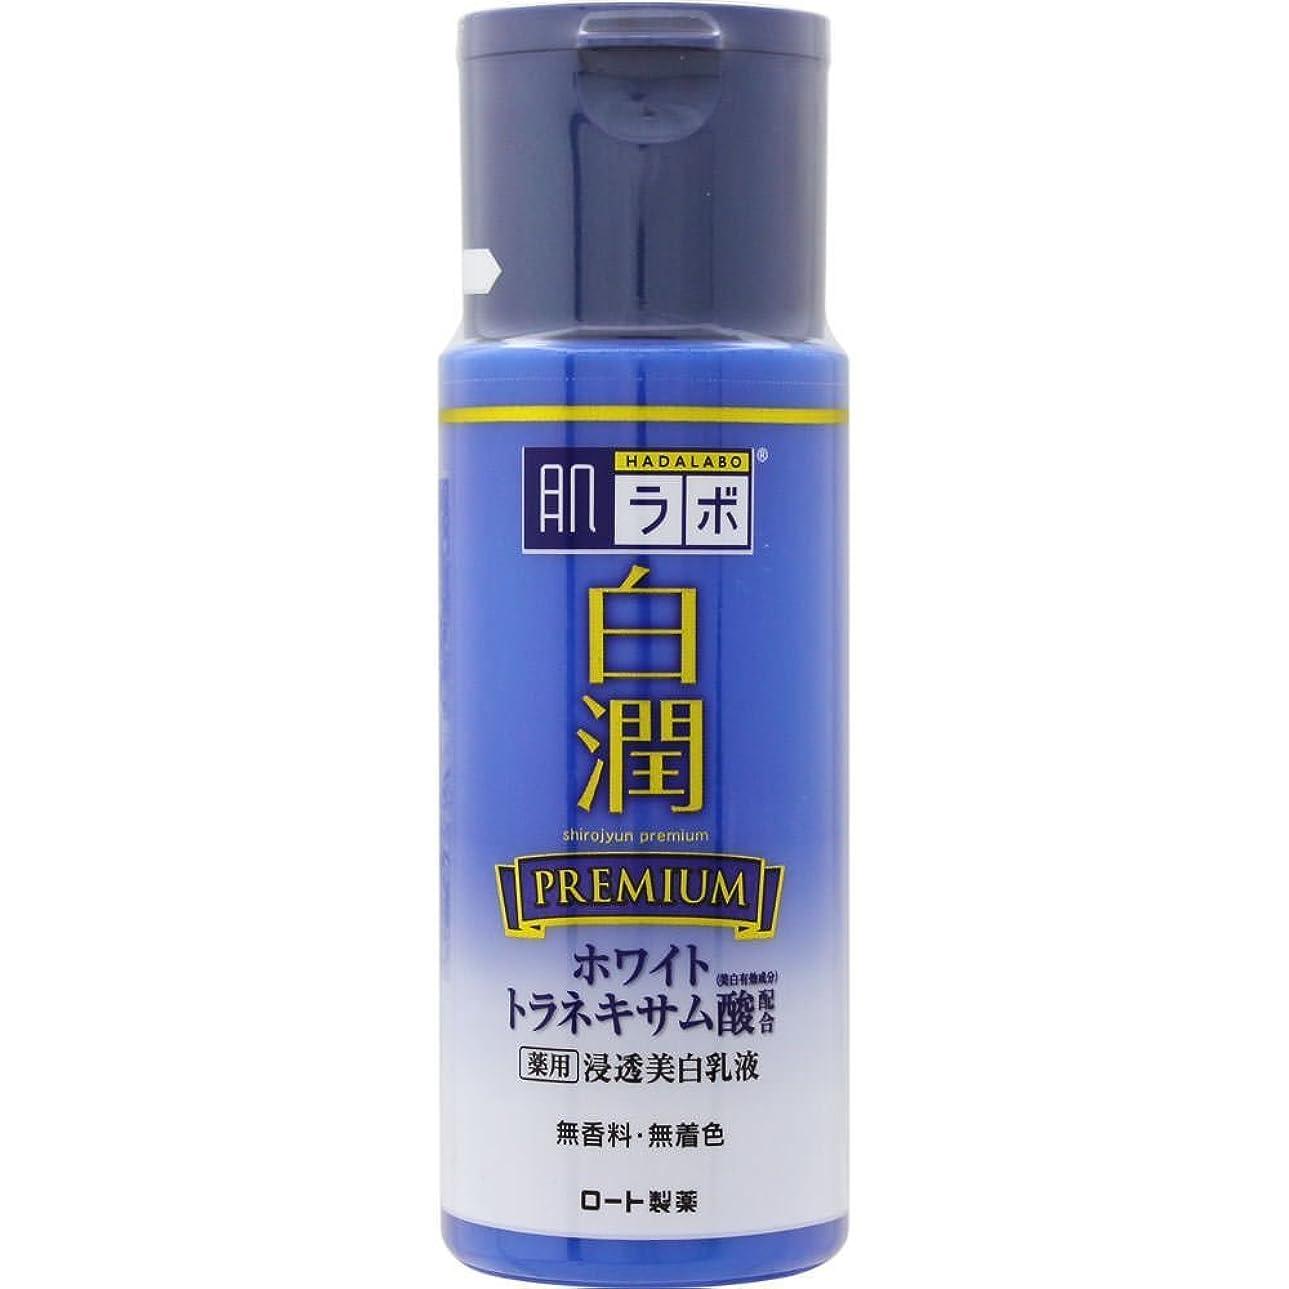 きょうだいツーリスト団結肌ラボ 白潤プレミアム 薬用浸透美白乳液 140mL (医薬部外品)